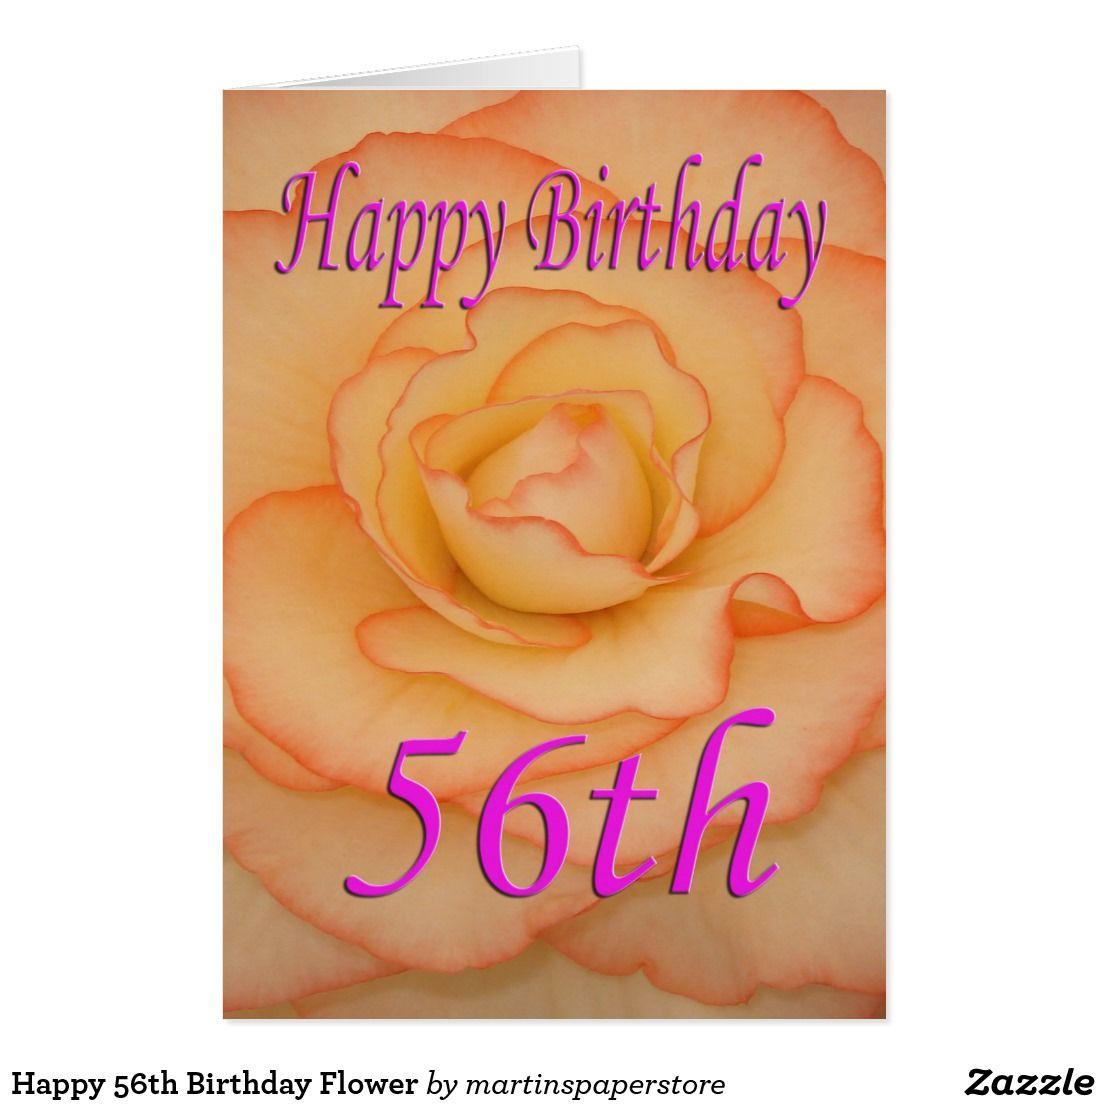 Happy 56th Birthday Flower Card